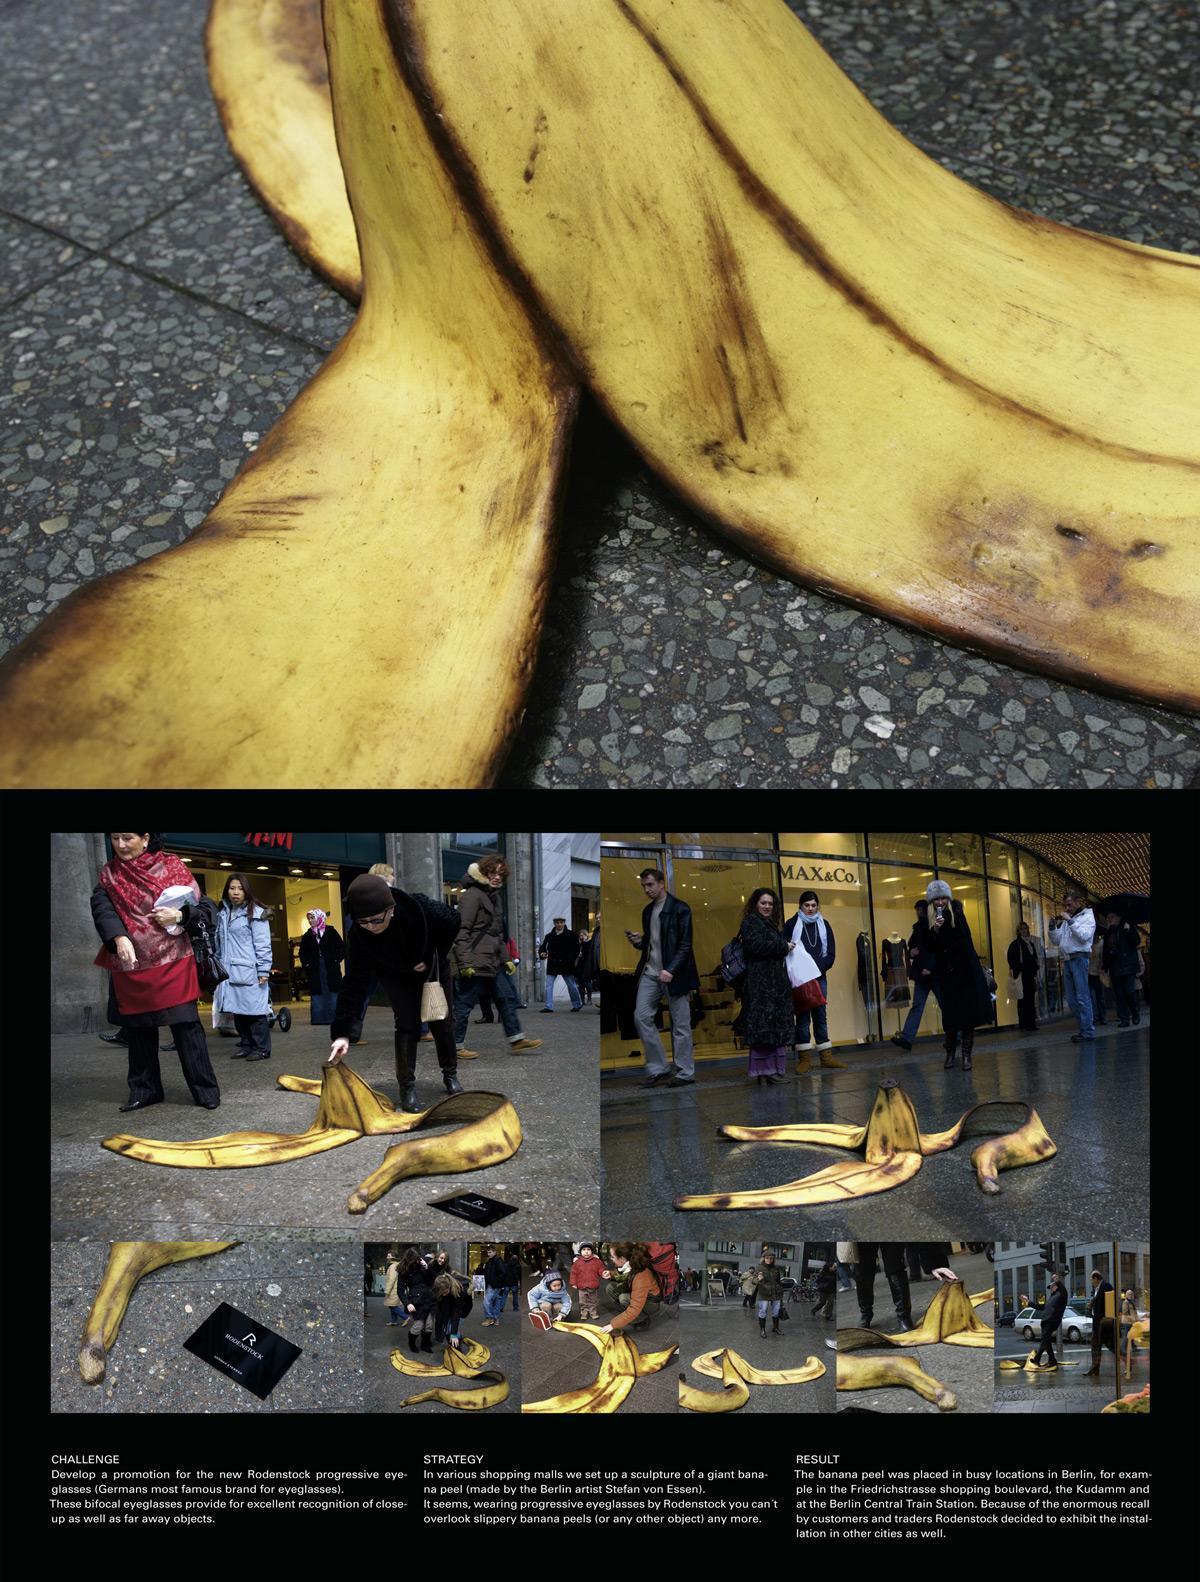 Giant banana peel